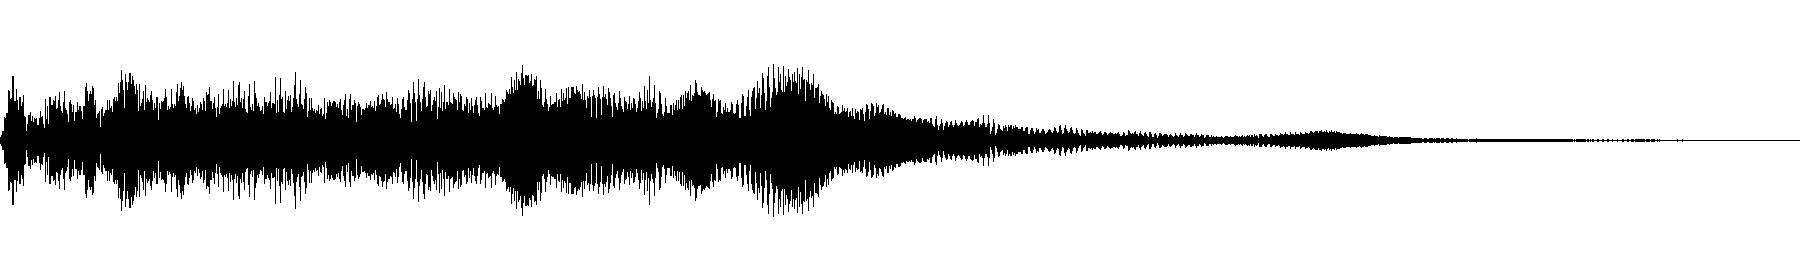 vfx1 atmos 59